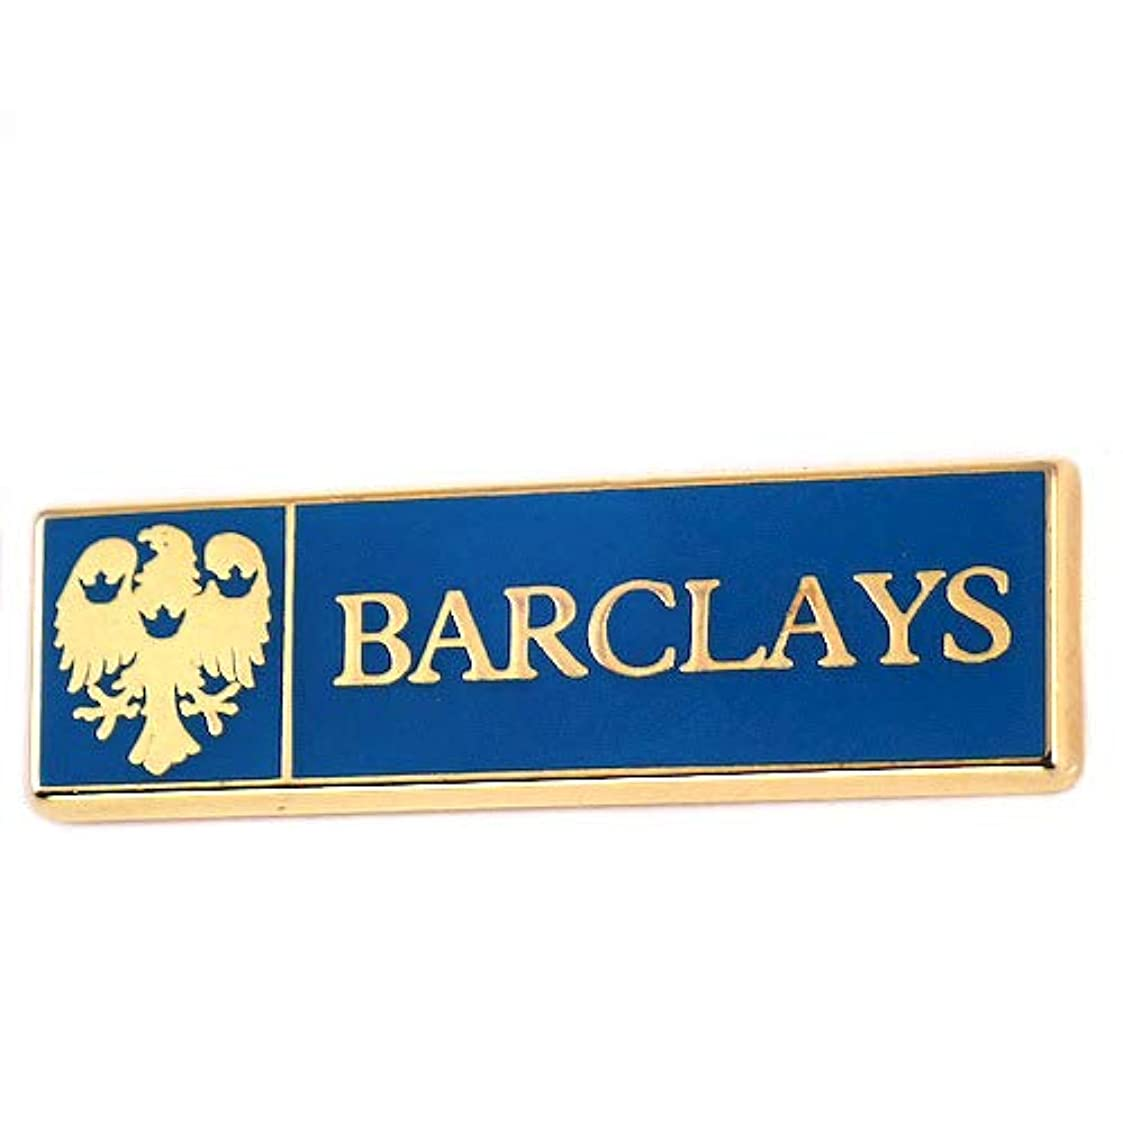 謙虚人質締め切り限定 レア ピンバッジ バークレー銀行イギリス鷲わしイーグル鳥 ピンズ フランス